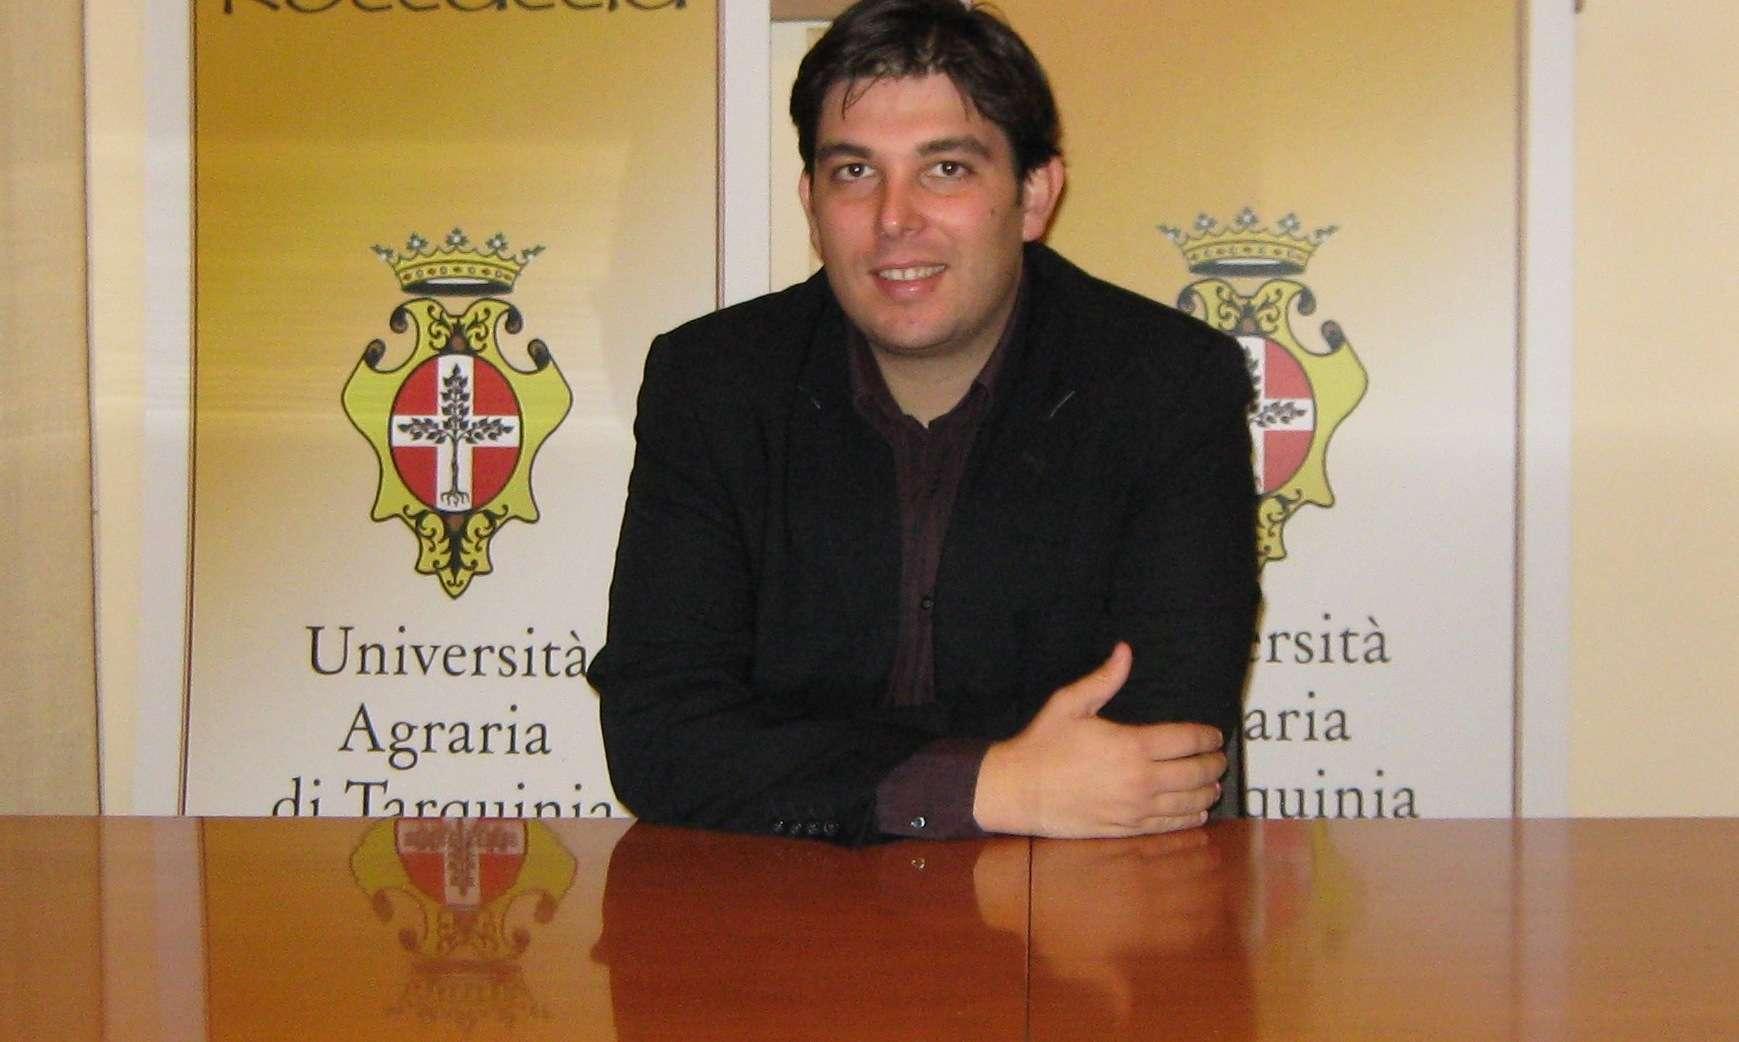 Gino Stella